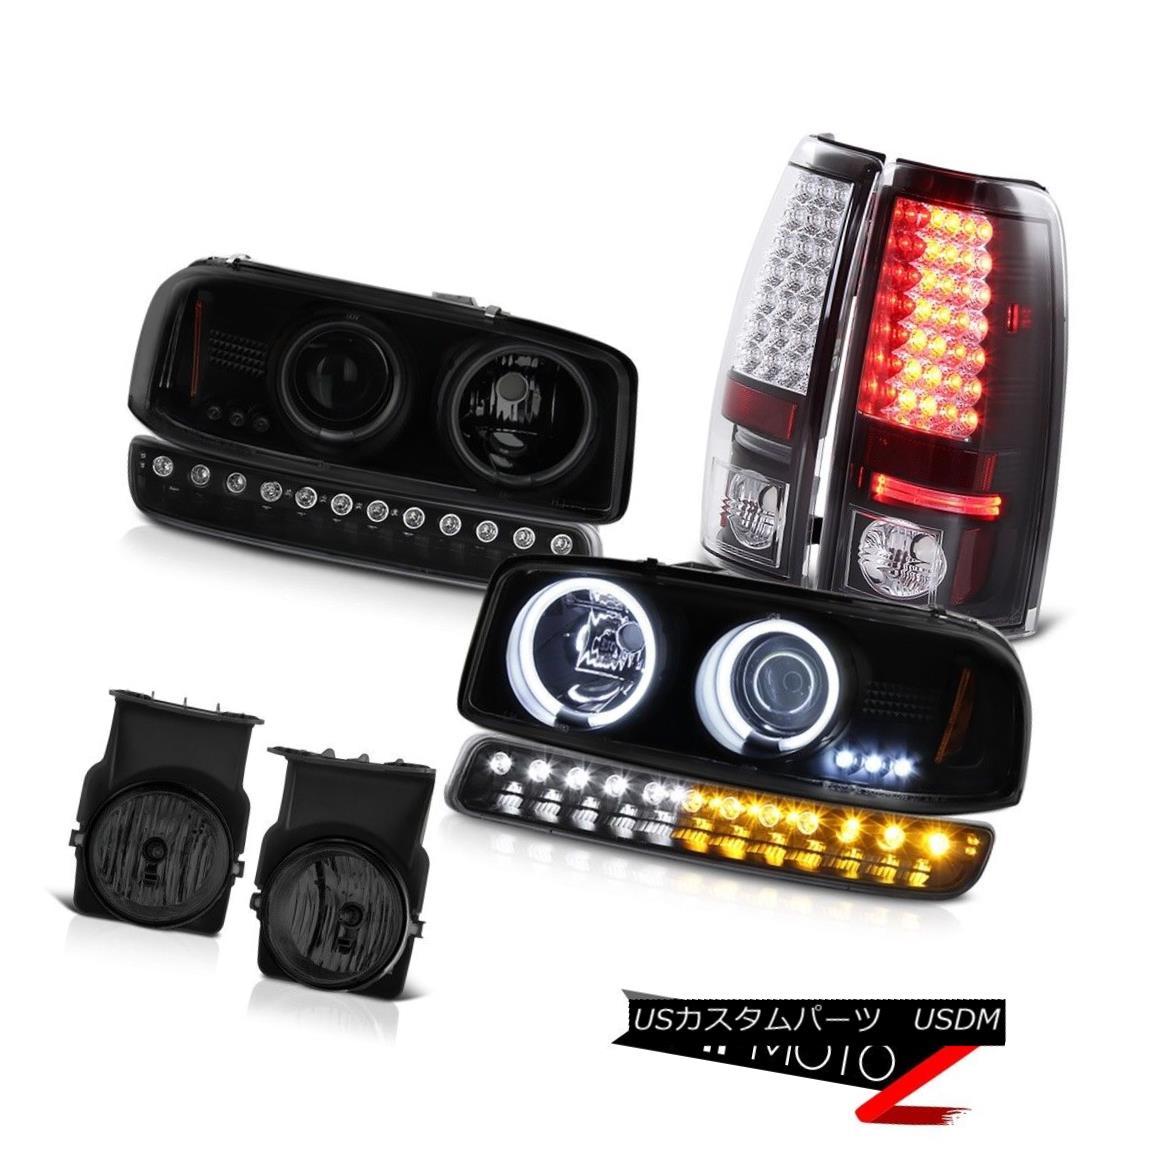 テールライト 2003-2006 Sierra 2500 Fog lights black rear smd brake parking light Headlights 2003-2006シエラ2500フォグライトブラックリアsmdブレーキパーキングライトヘッドライト